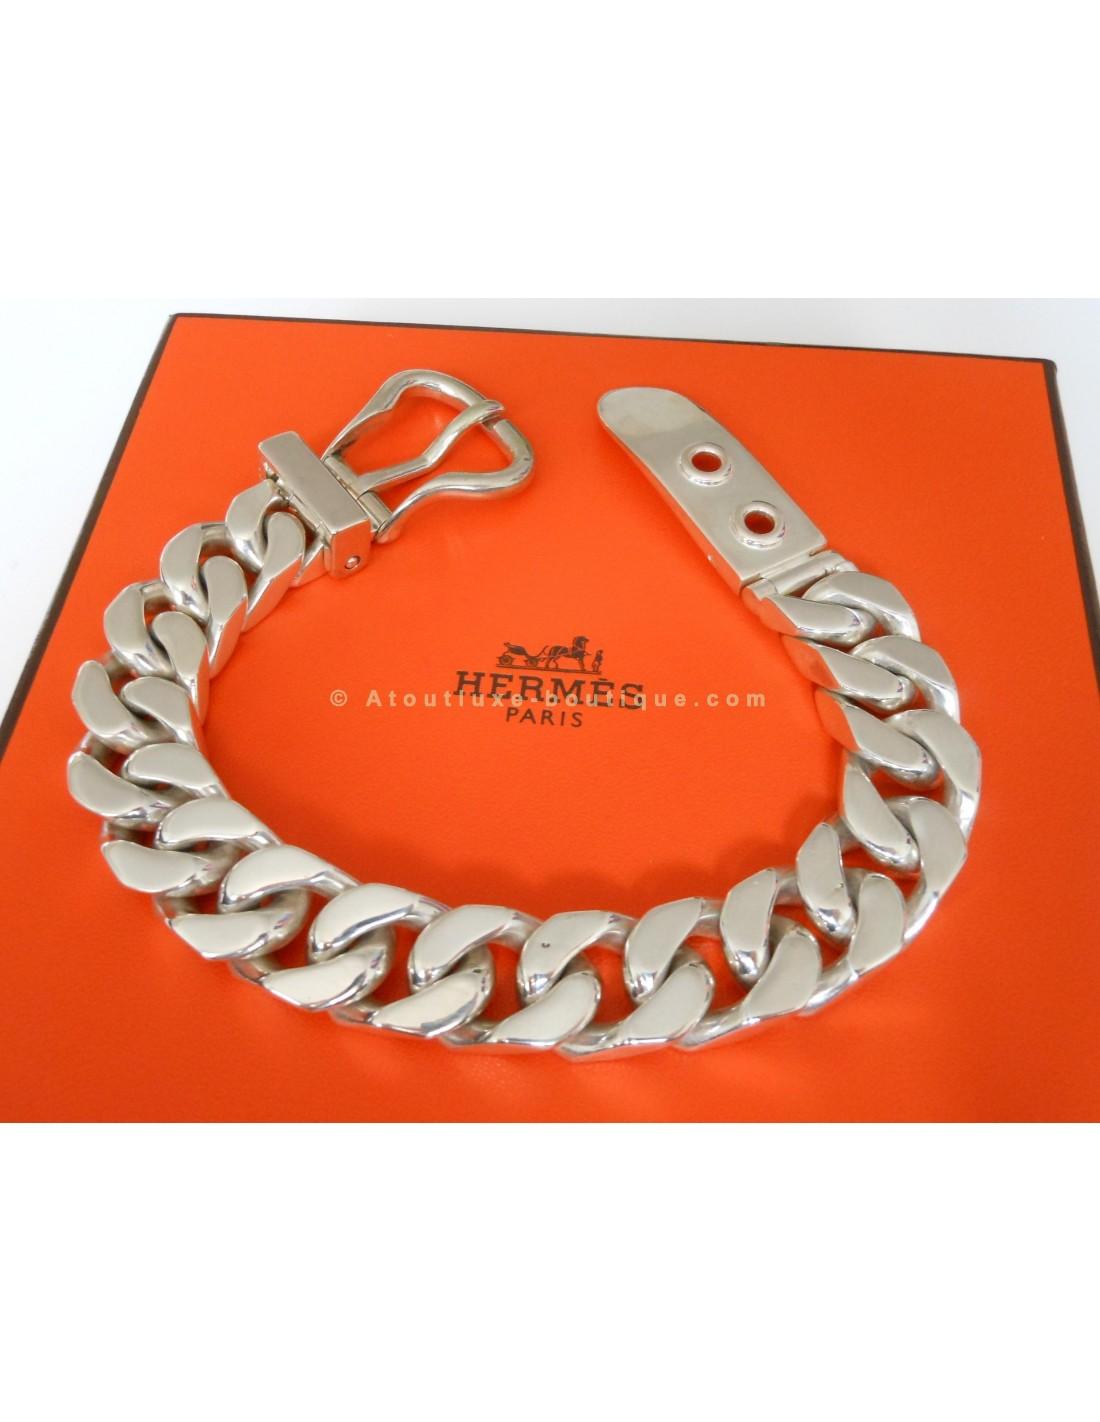 5a9dfcc1b09e BRACELET HERMES SELLIER TGM - Atoutluxe Boutique